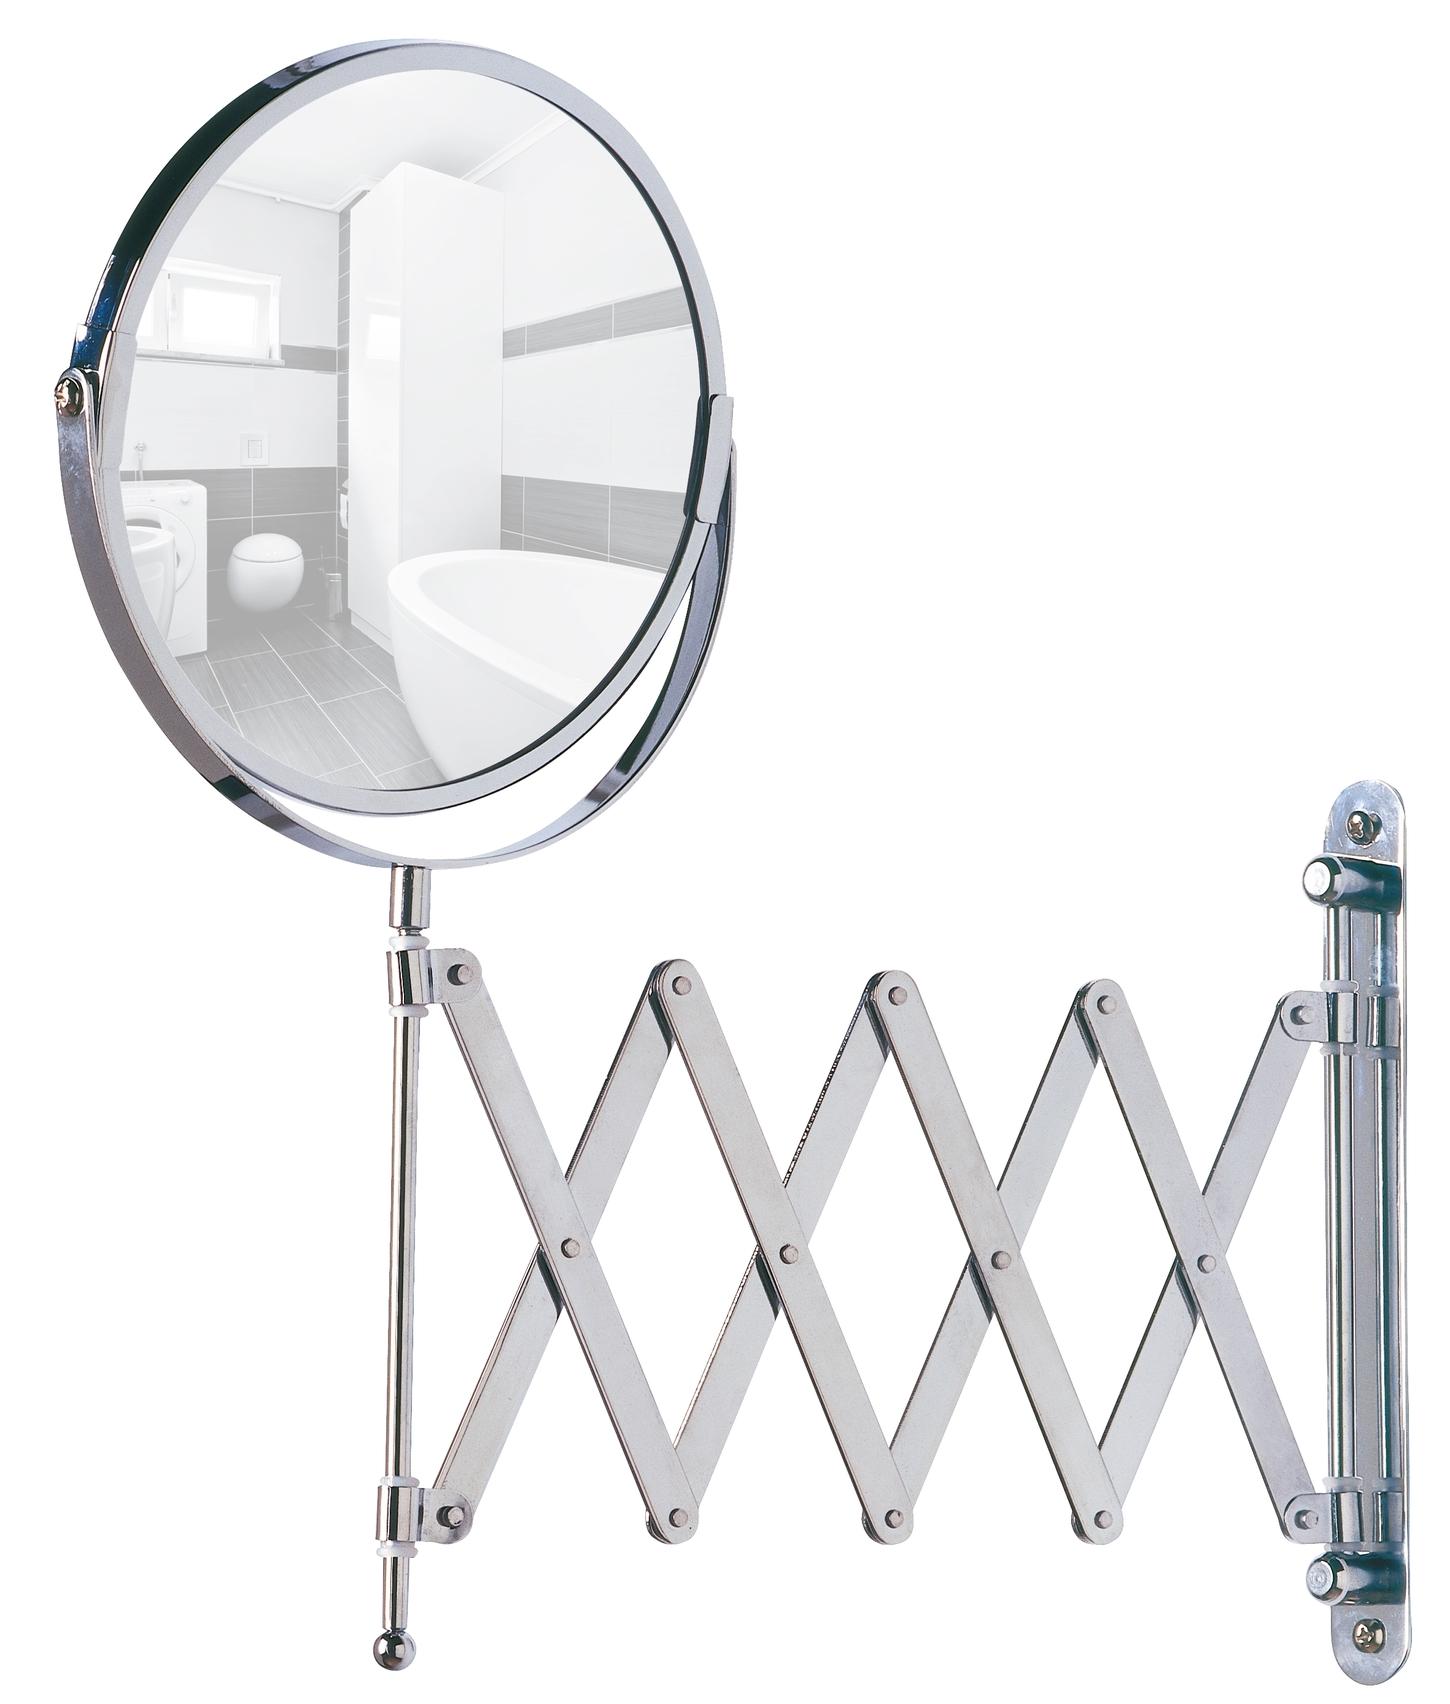 מראה קוסמטית טלסקופית לאמבטיה